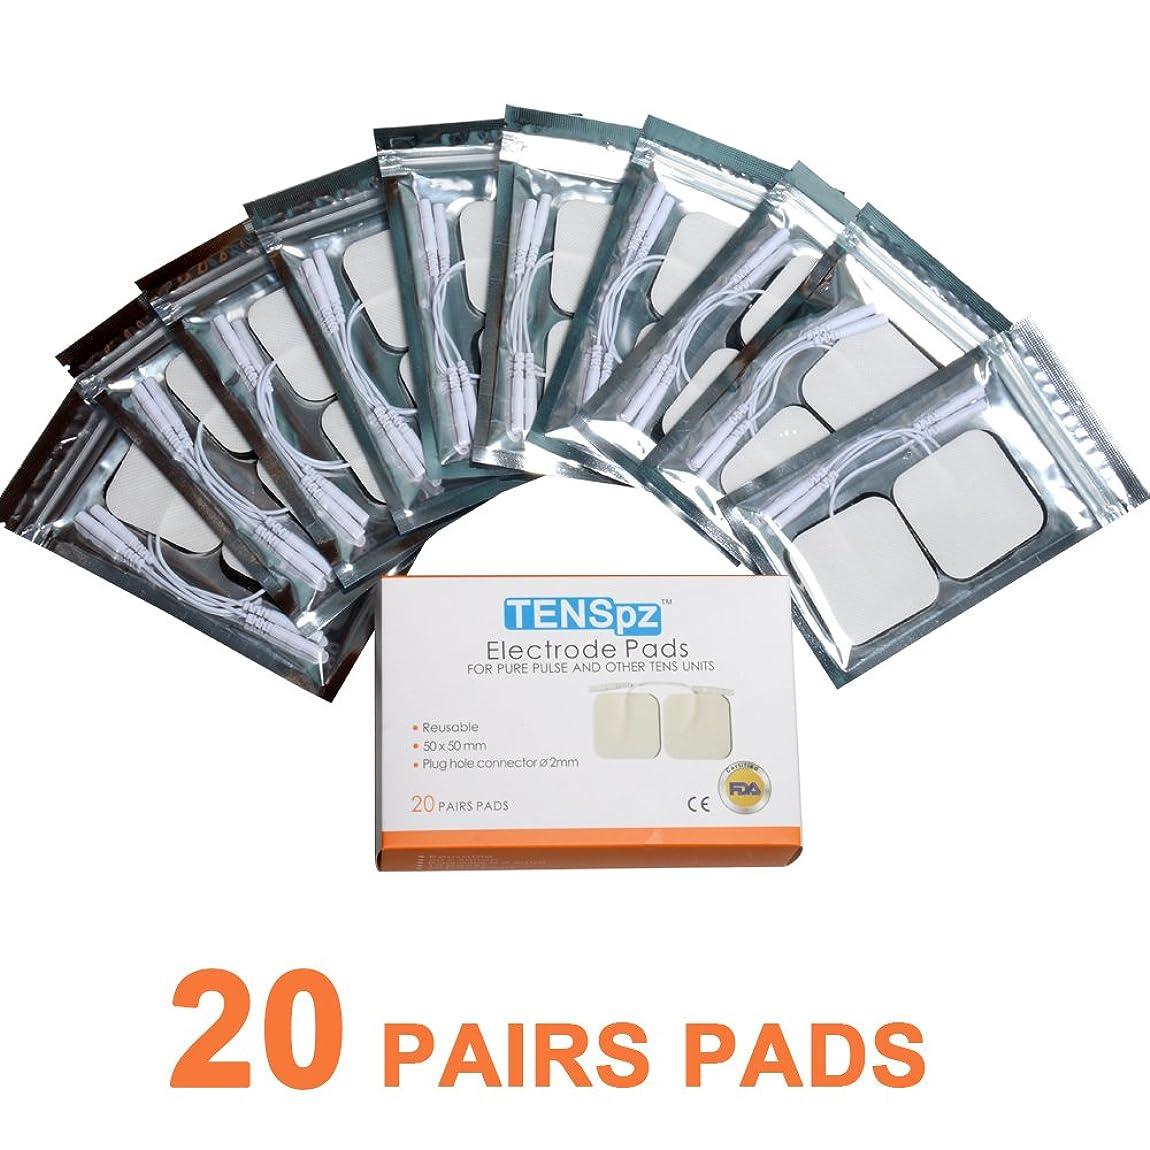 Tens pz 粘着パッド 低周波用 5*5cm電極パッド ,10袋,4枚入り/袋